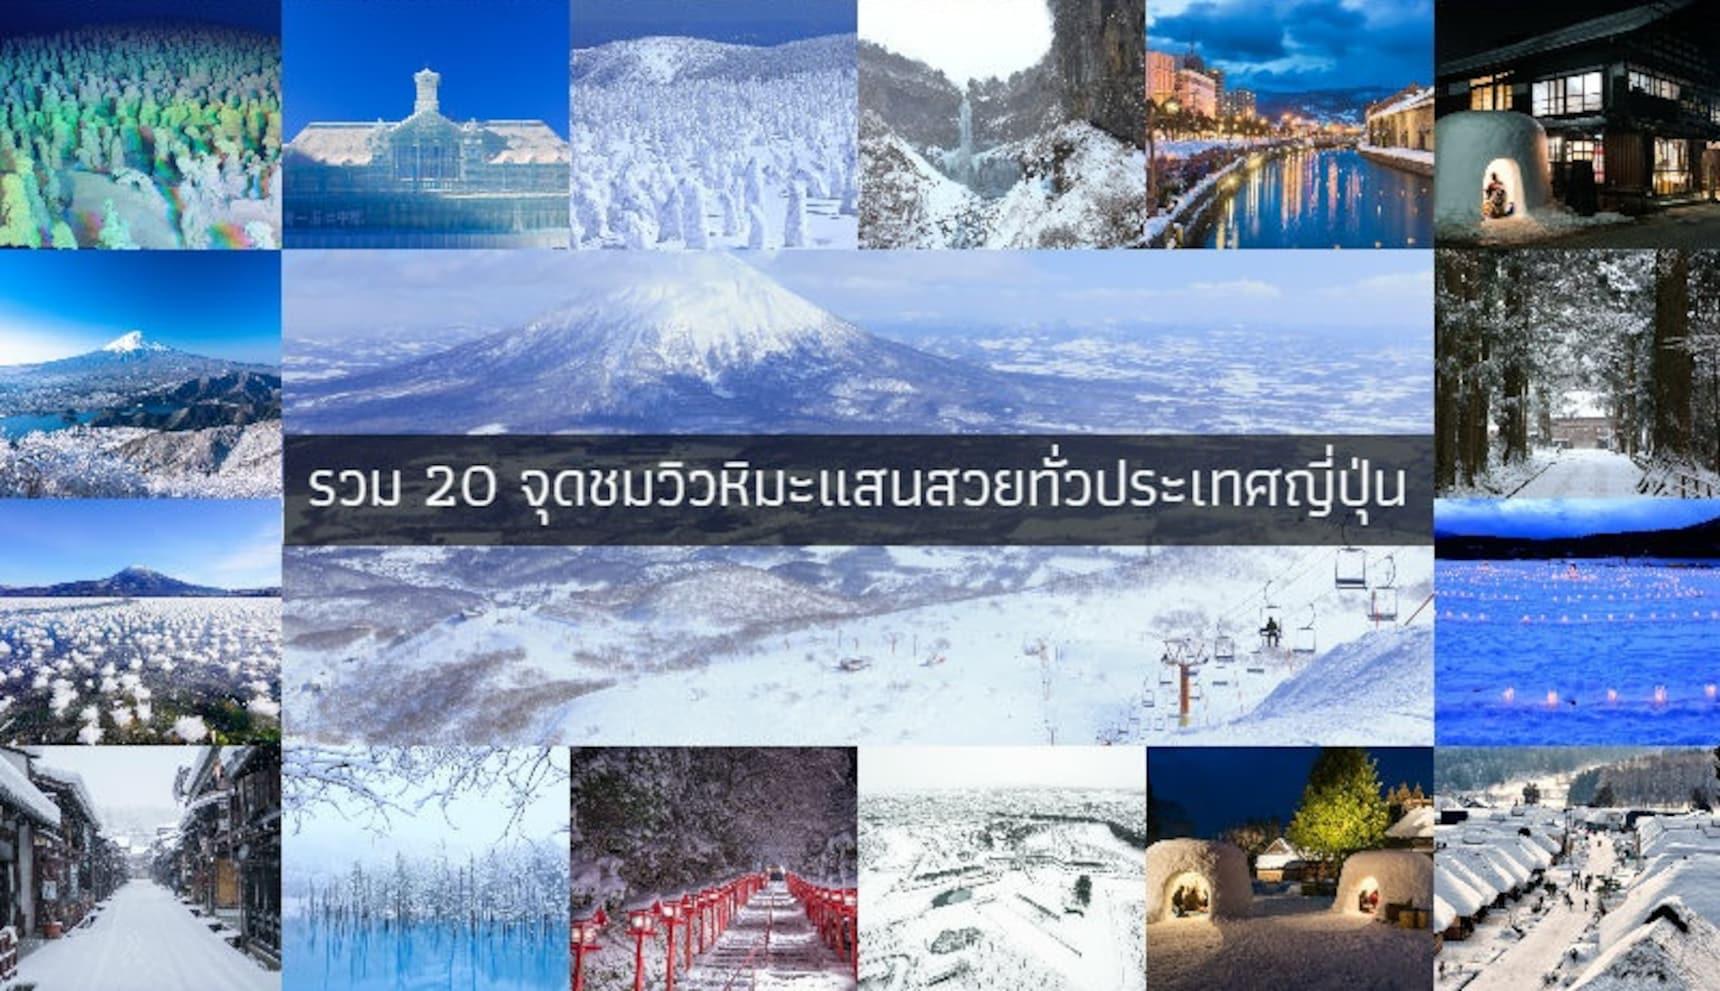 รวม 20 จุดชมวิวหิมะแสนสวยทั่วประเทศญี่ปุ่น